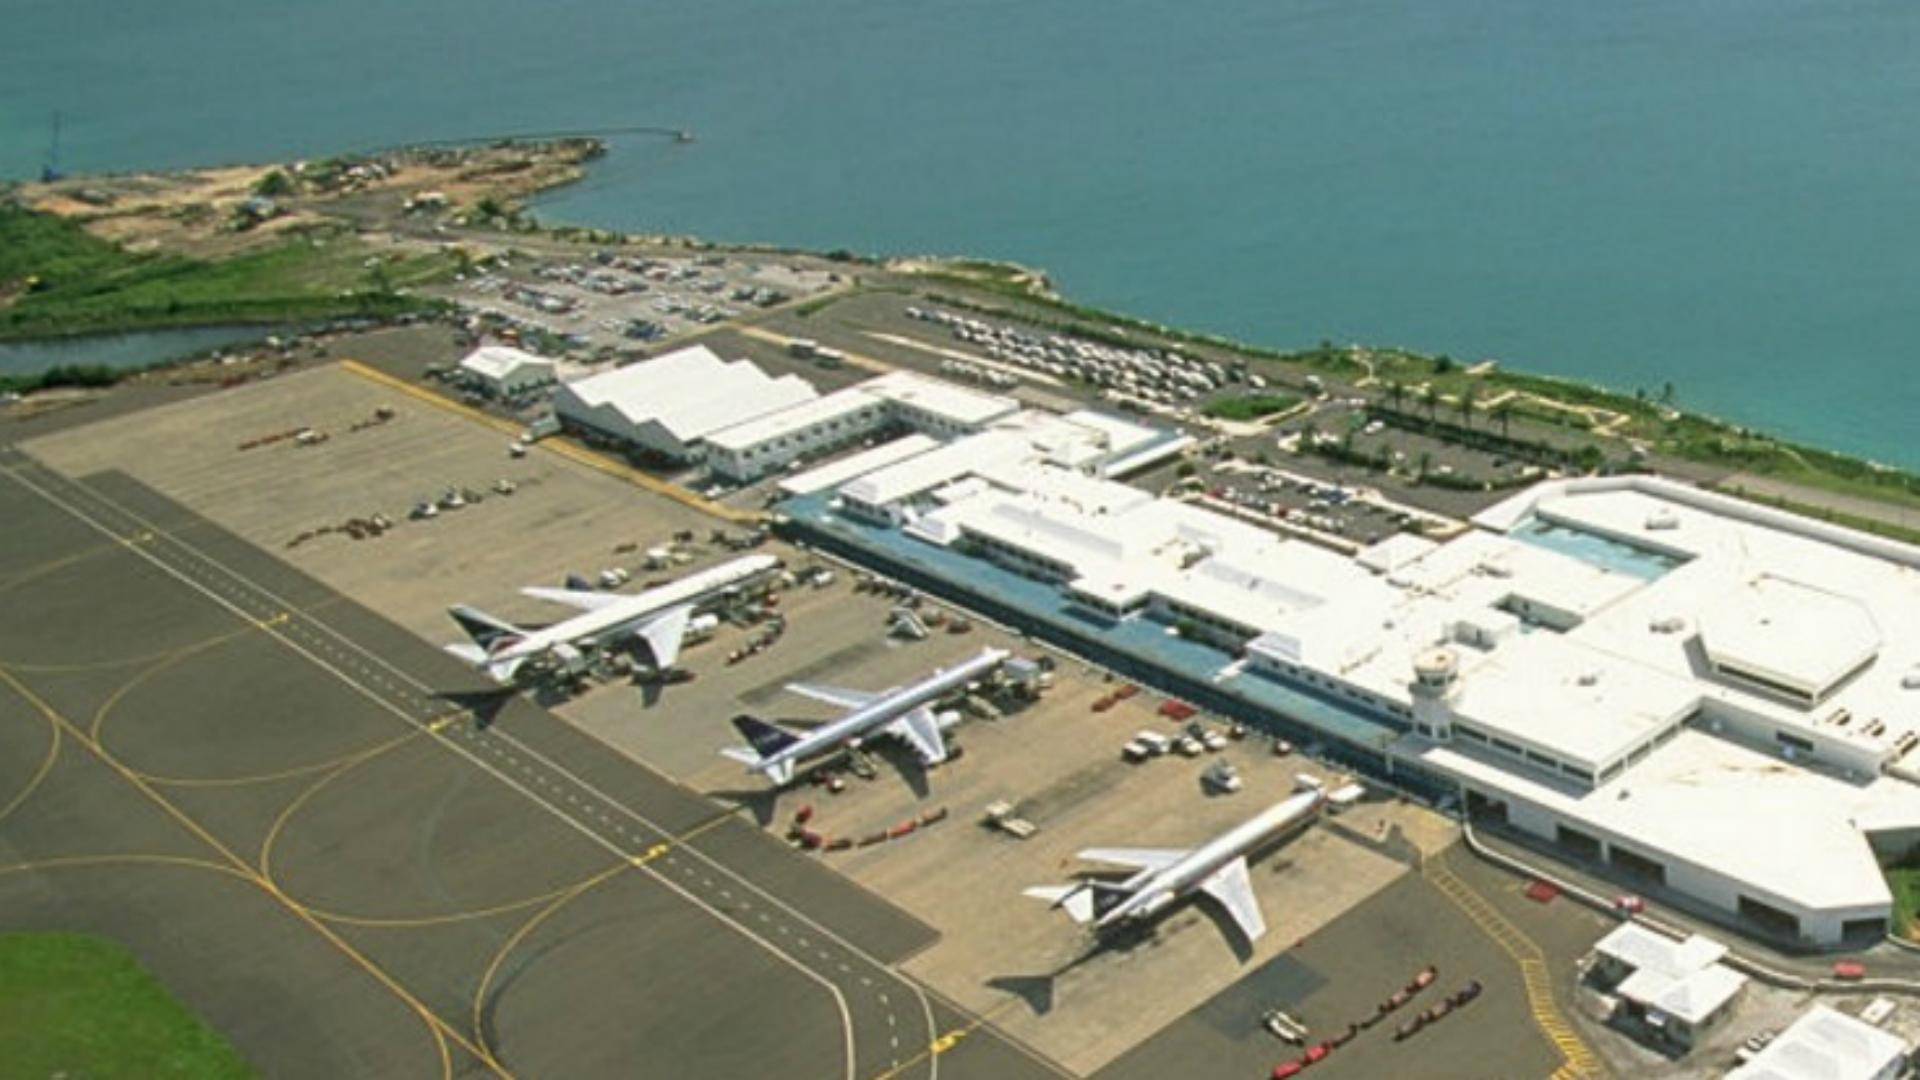 Aeropuerto de Bermudas